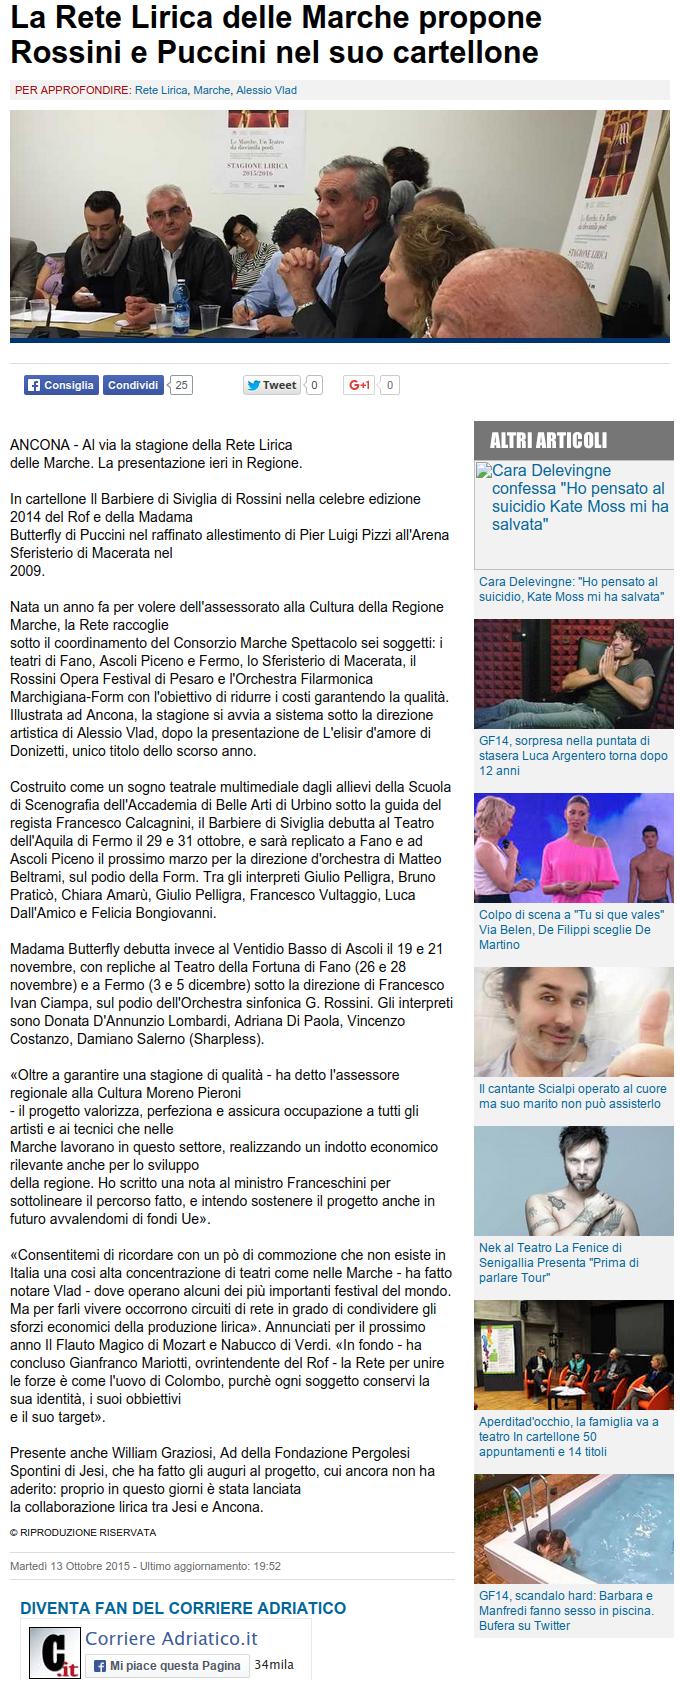 Corriere Adriatico  13 ottobre 2015